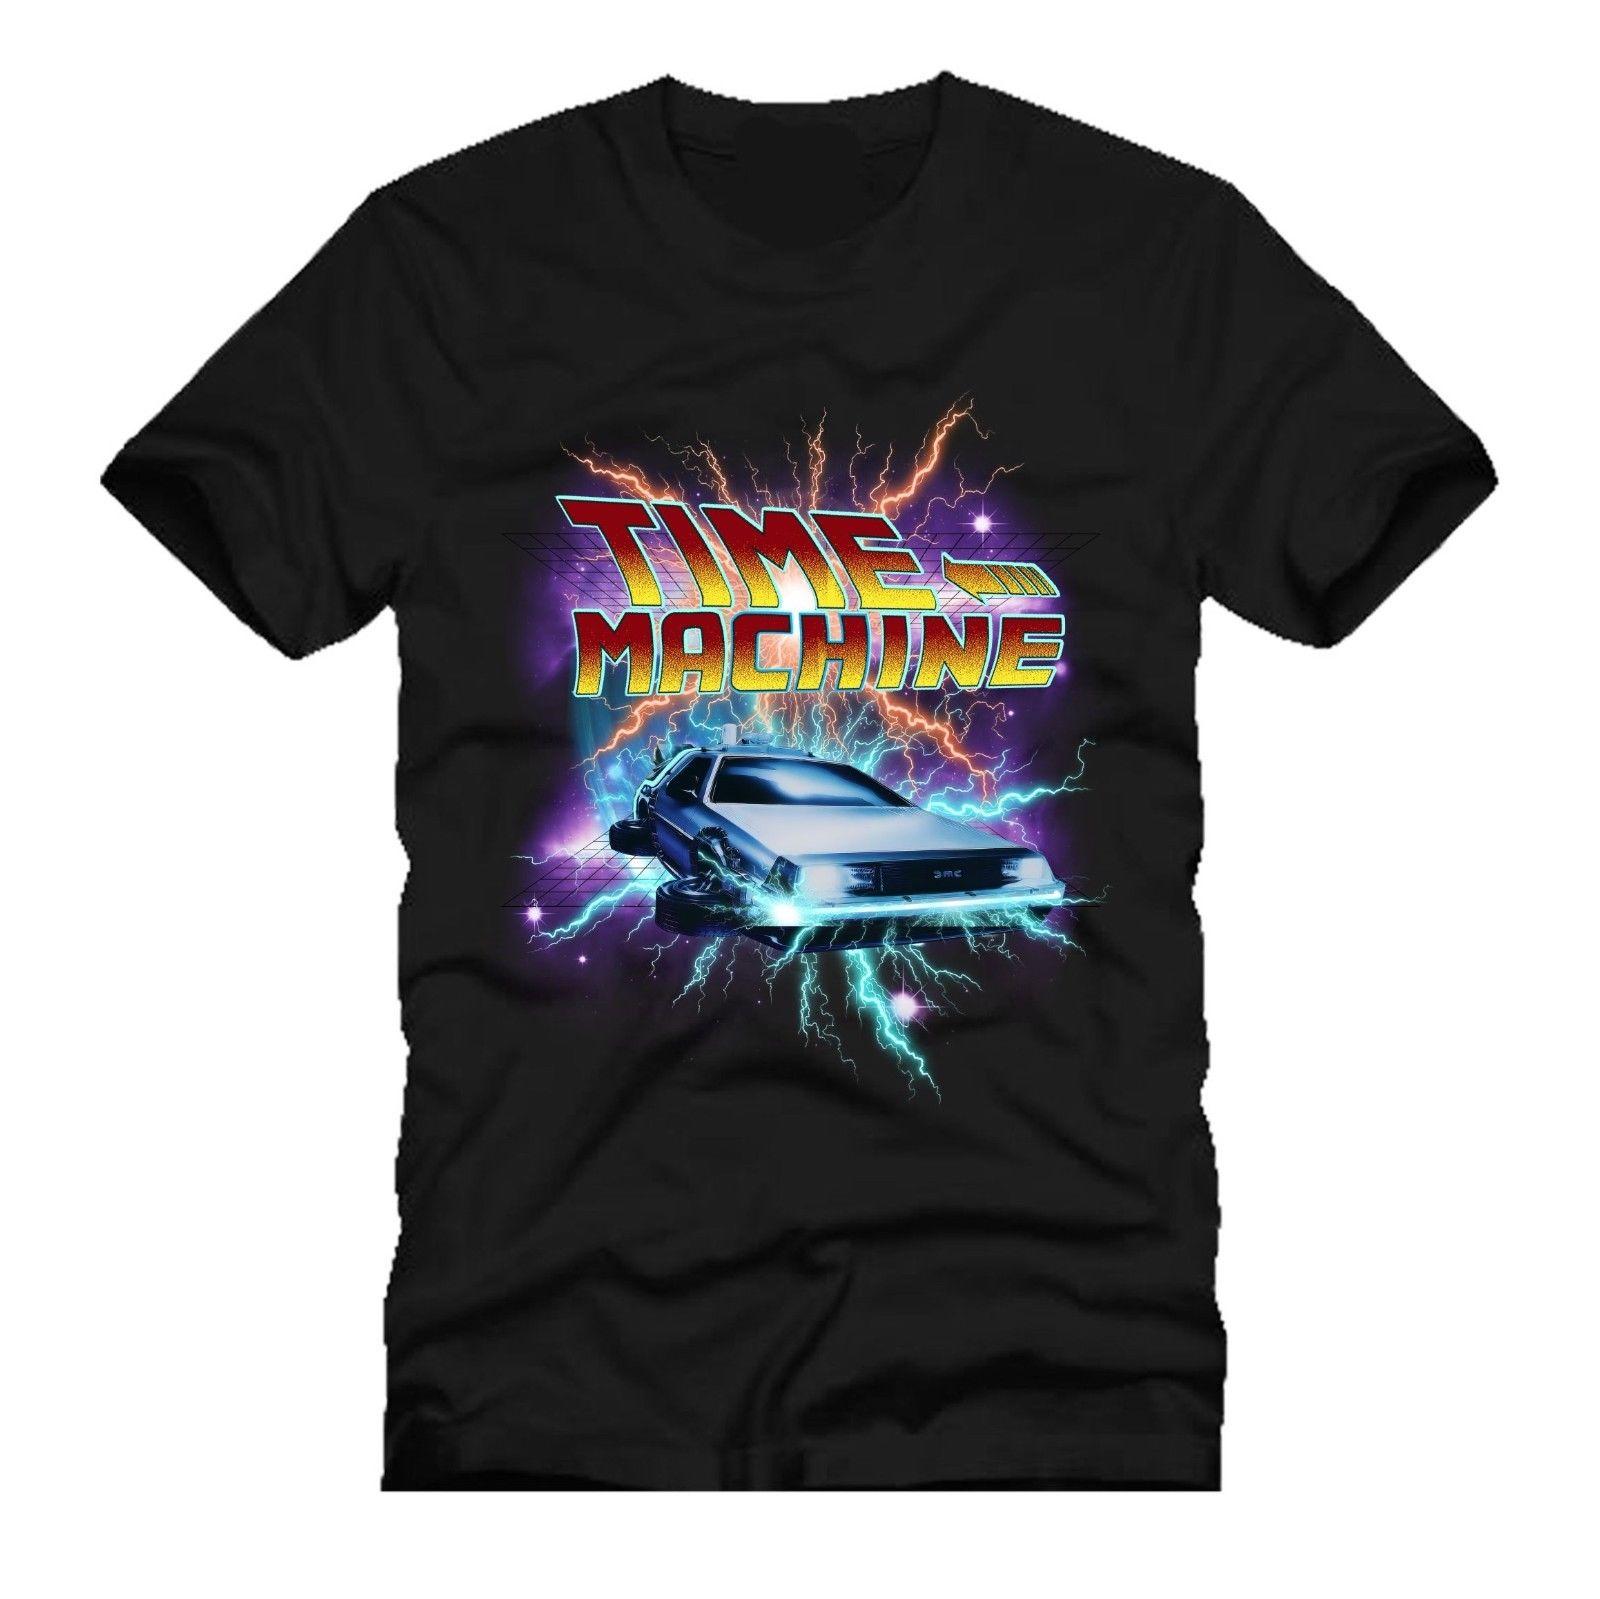 Tiempo máquina deloren coche futuro mashup dtg hombres camiseta nueva 2018 envío gratis moda de verano Cool Casual pride camiseta hombres